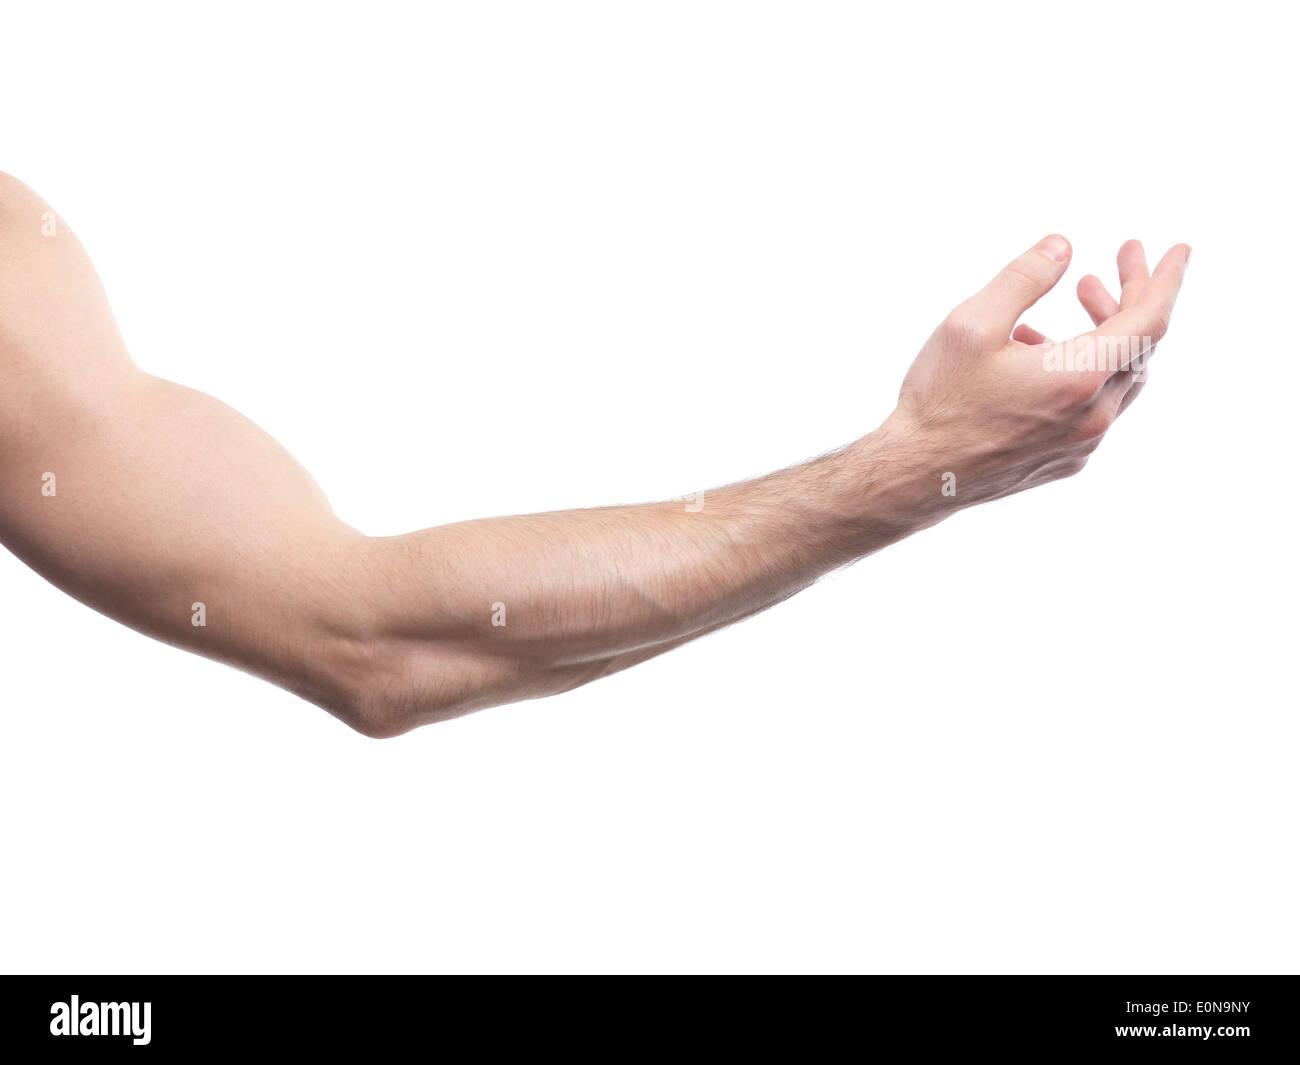 L uomo del braccio piegato in corrispondenza di un gomito isolati su sfondo bianco Immagini Stock